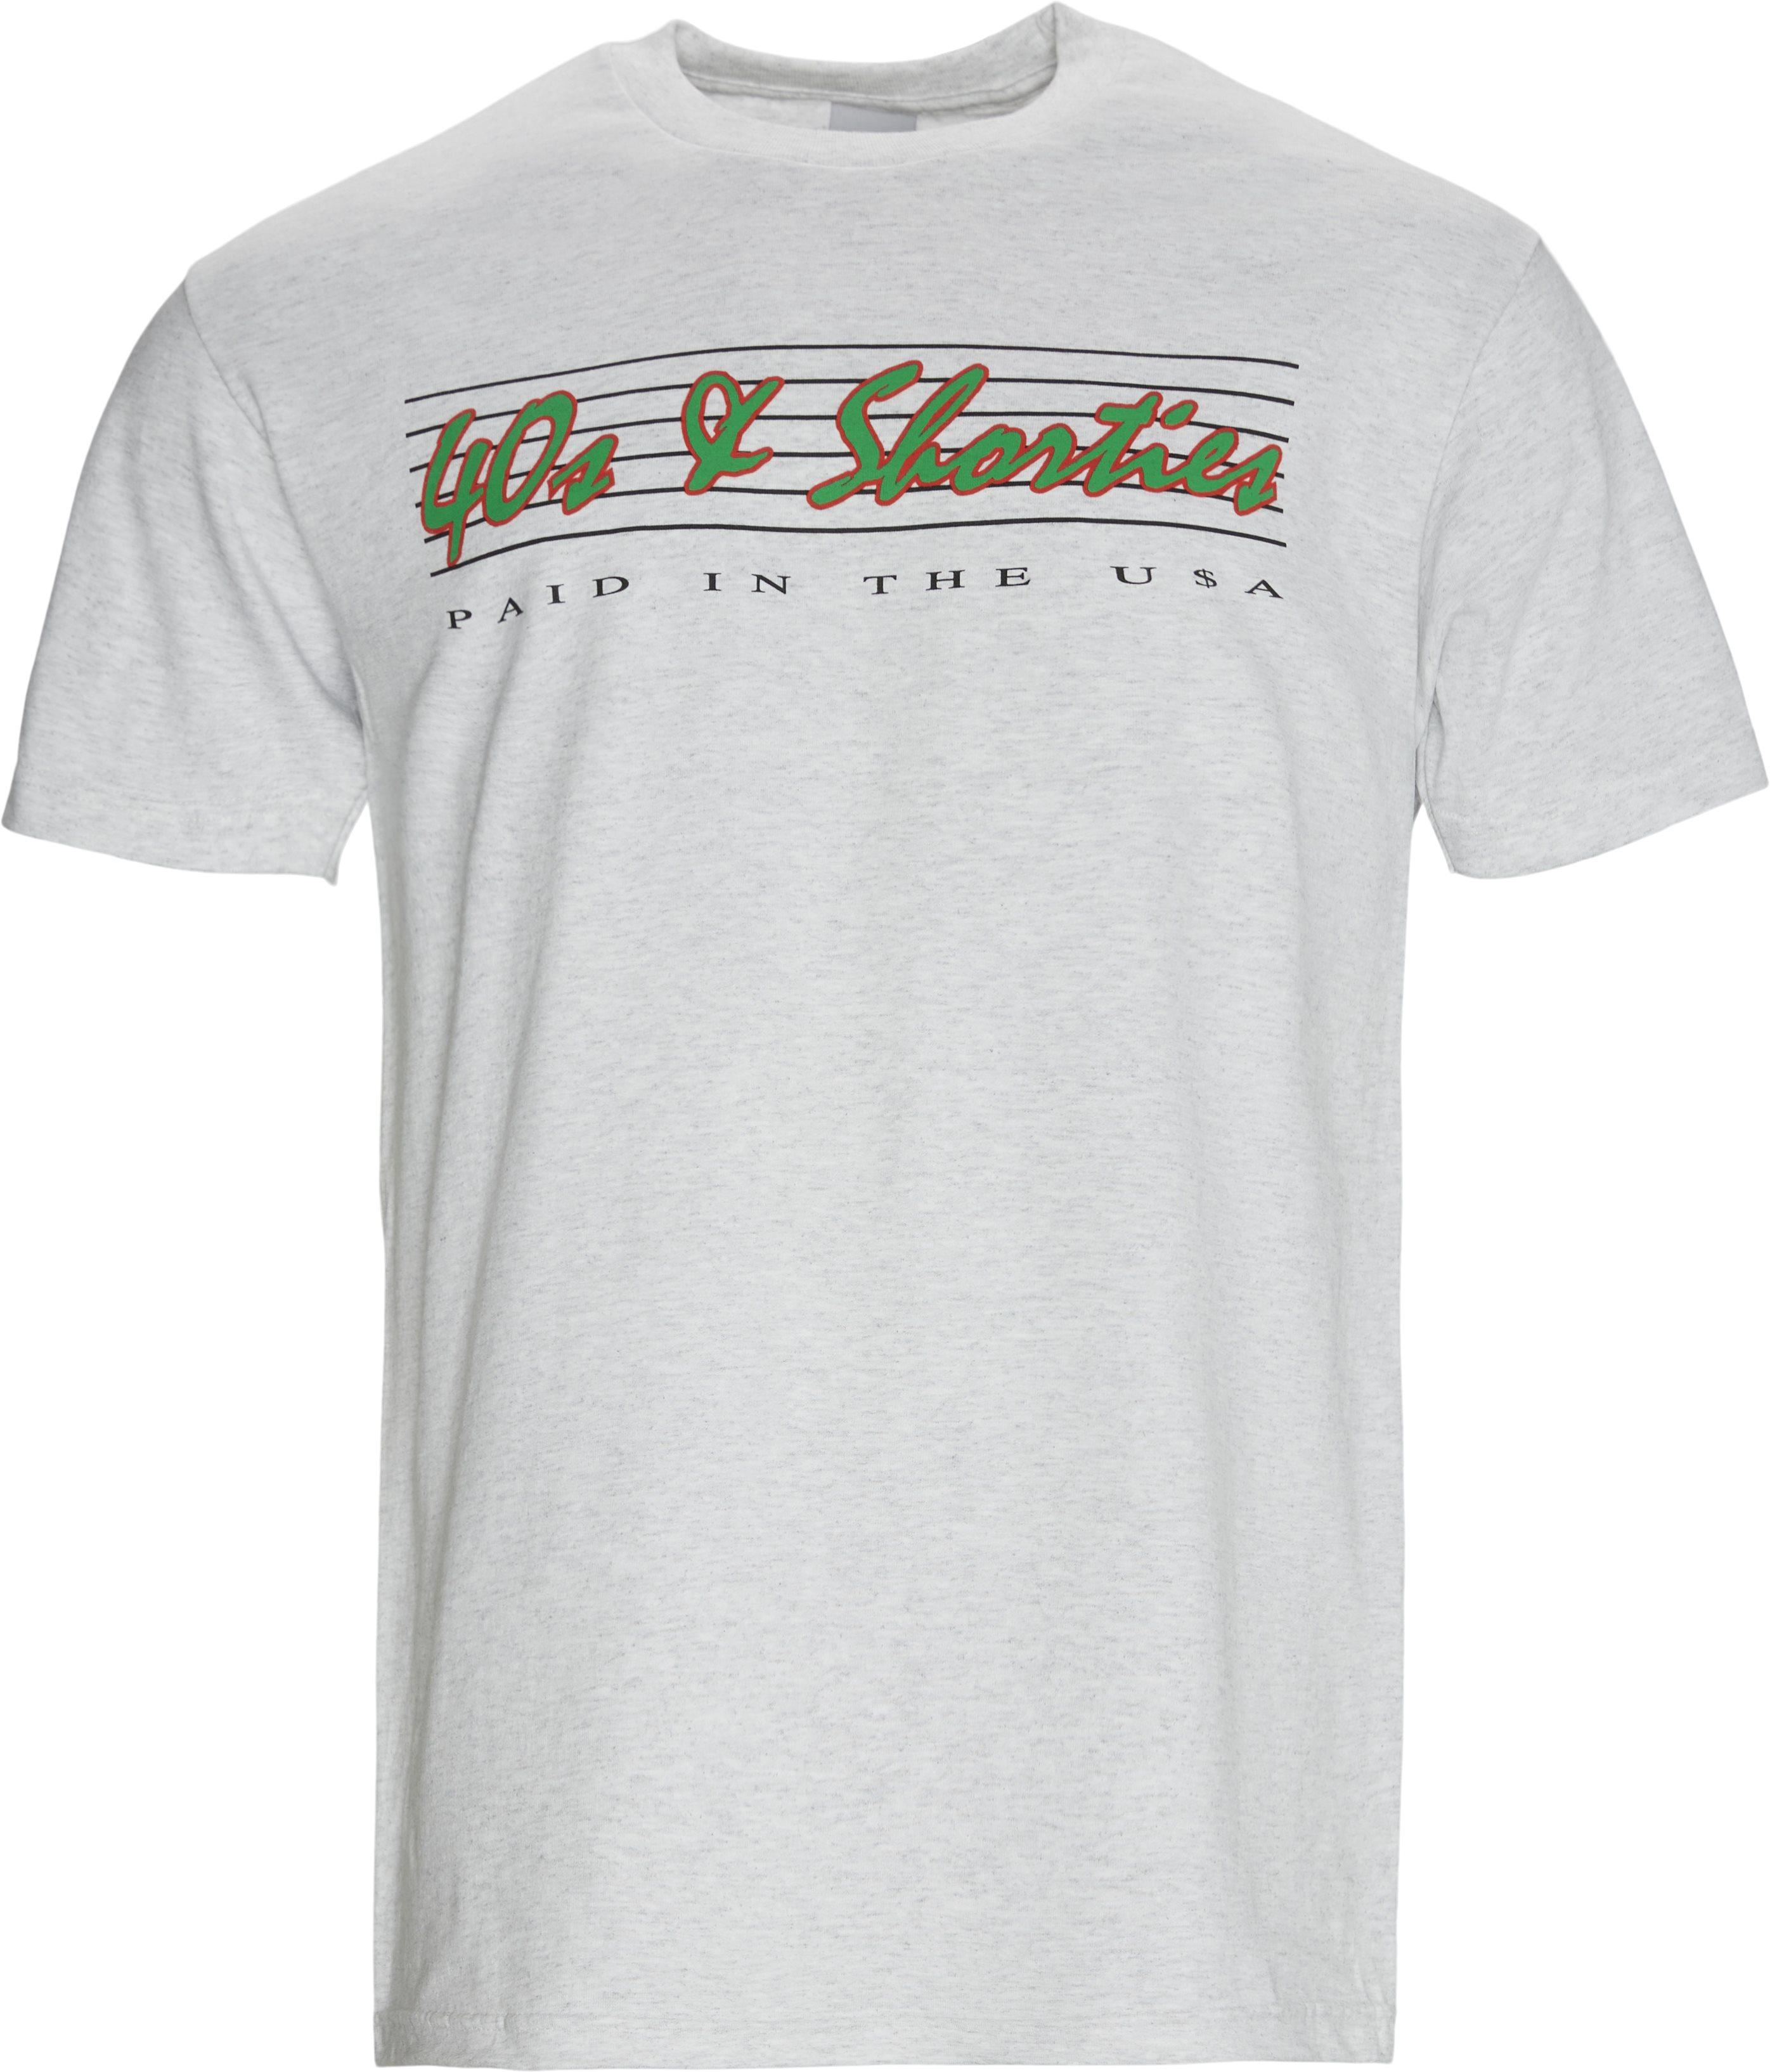 ERA T-shirt - T-shirts - Regular fit - Grå